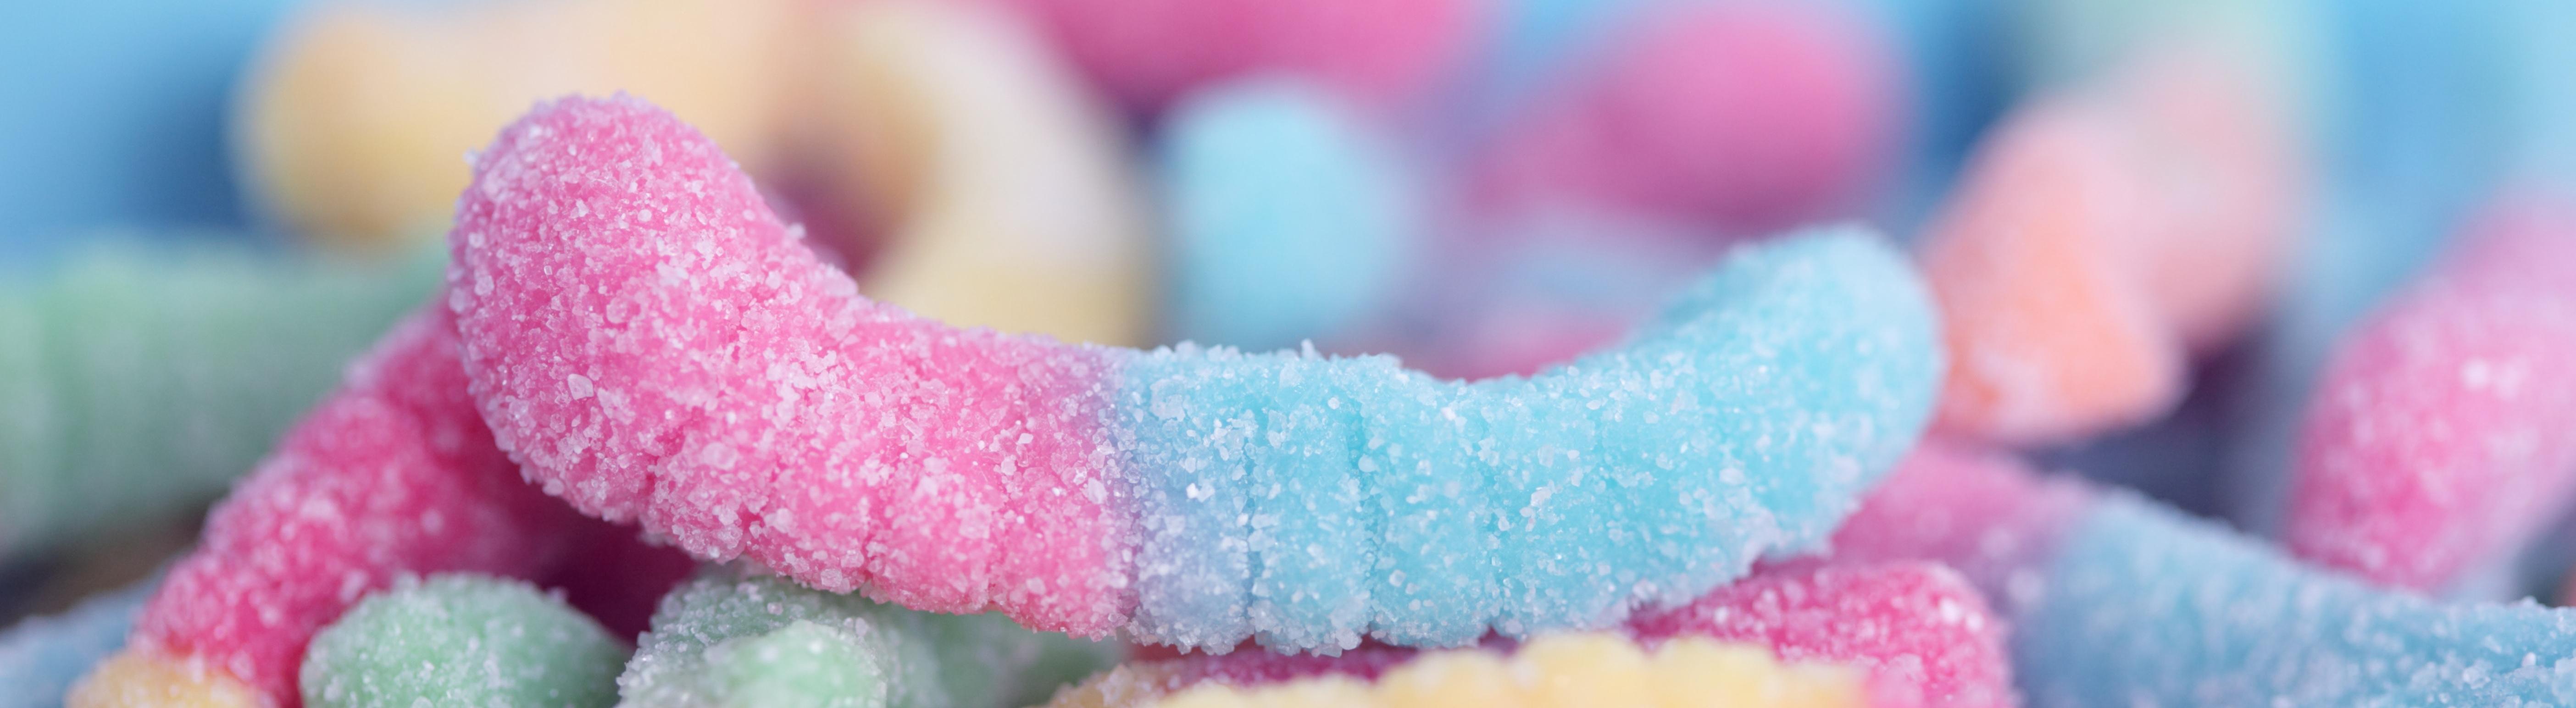 Gummiwürmchen mit Zucker